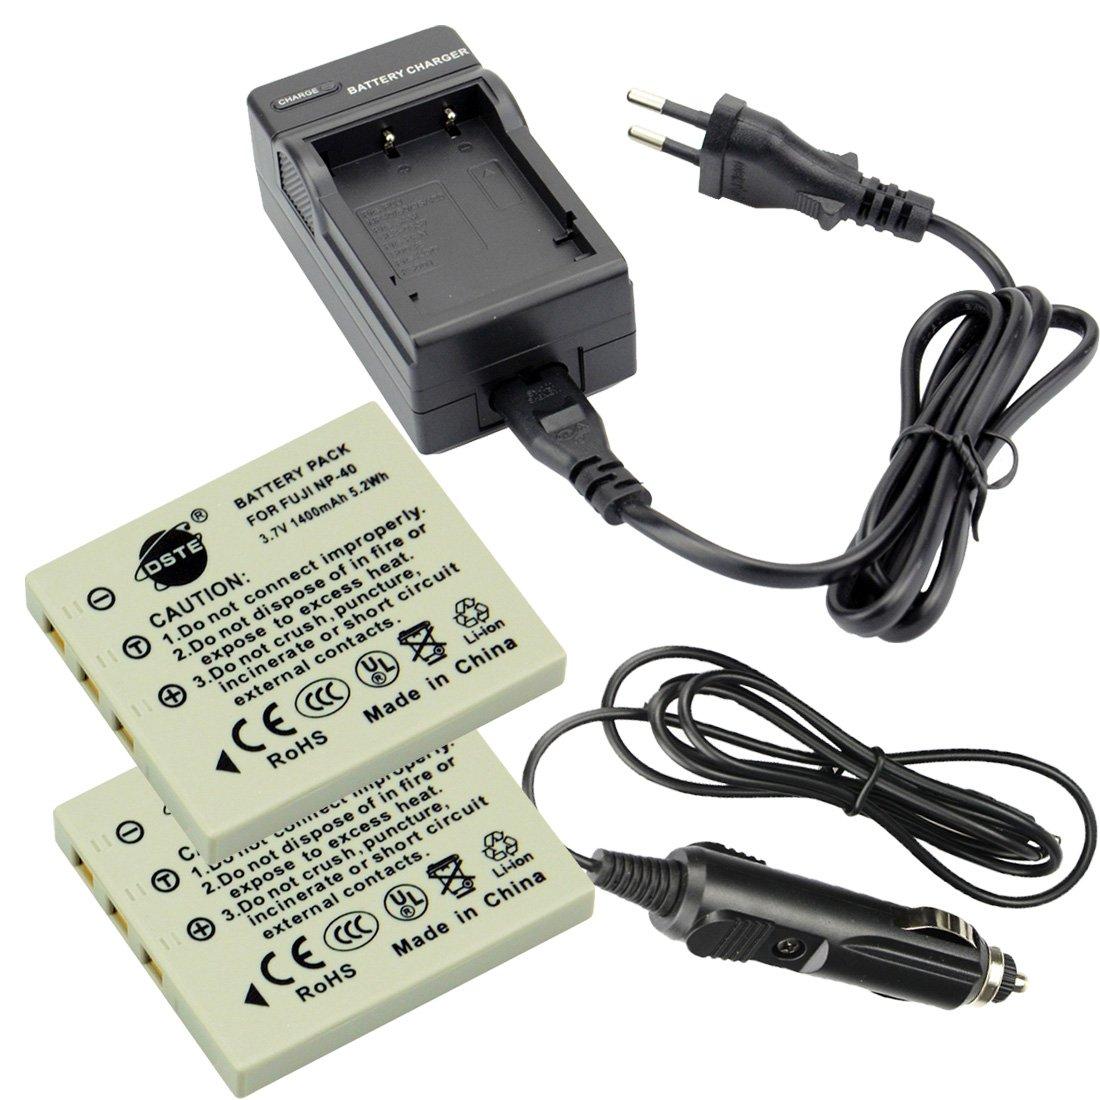 DC29E Caricabatteria per Fujifilm NP-40 FinePix F460 F470 F480 F610 F650 F402 F403 F420 F455 F700 F710 F810 F811 J50 V10 Z1 Z2 Z3 Z5fd DSTE 2-pacco Ricambio Batteria